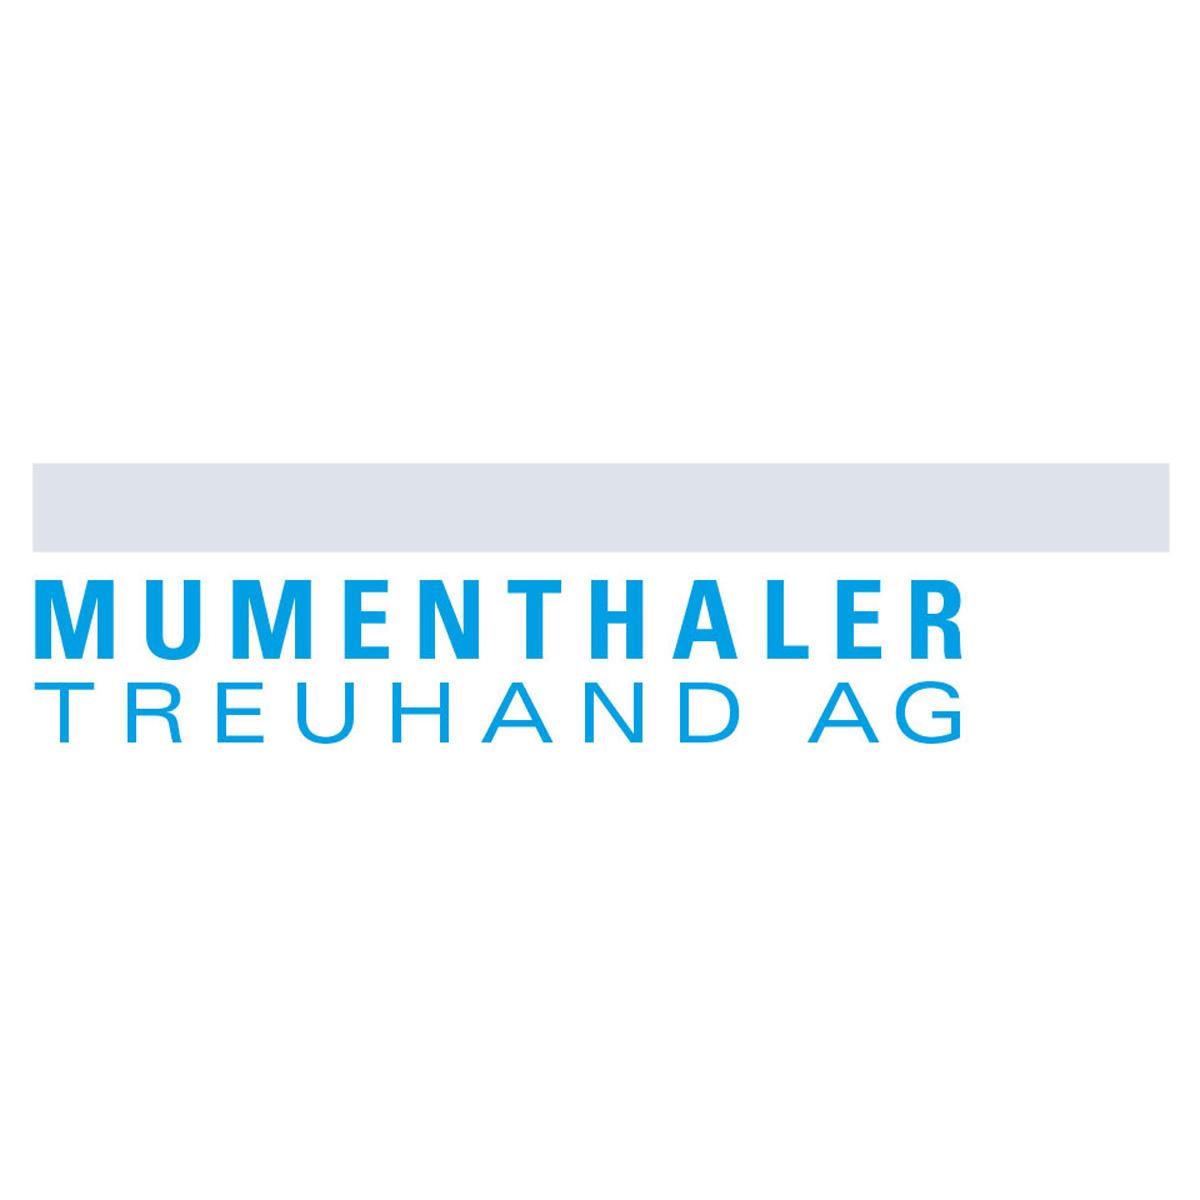 Mumenthaler Treuhand AG